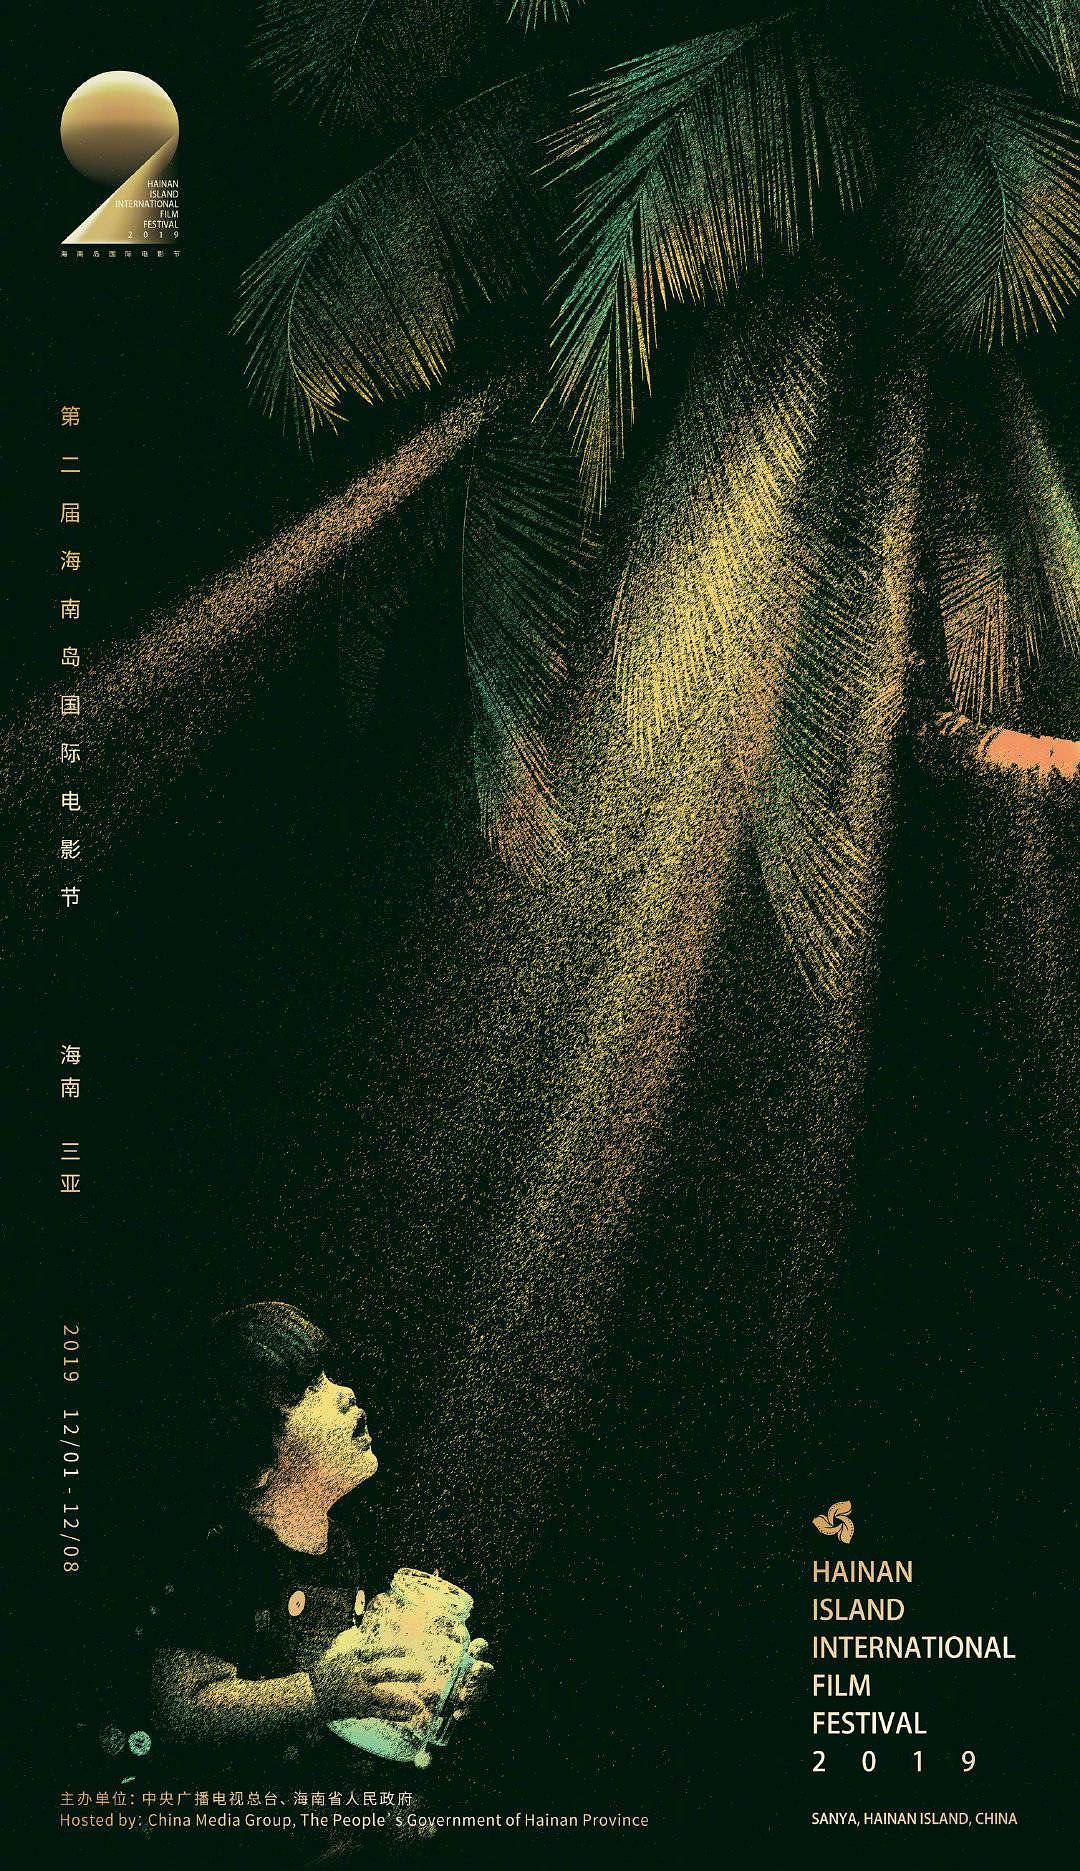 华语地区九大影展海报大PK,感到一股难以言表复杂的情绪…… 涨姿势 第9张